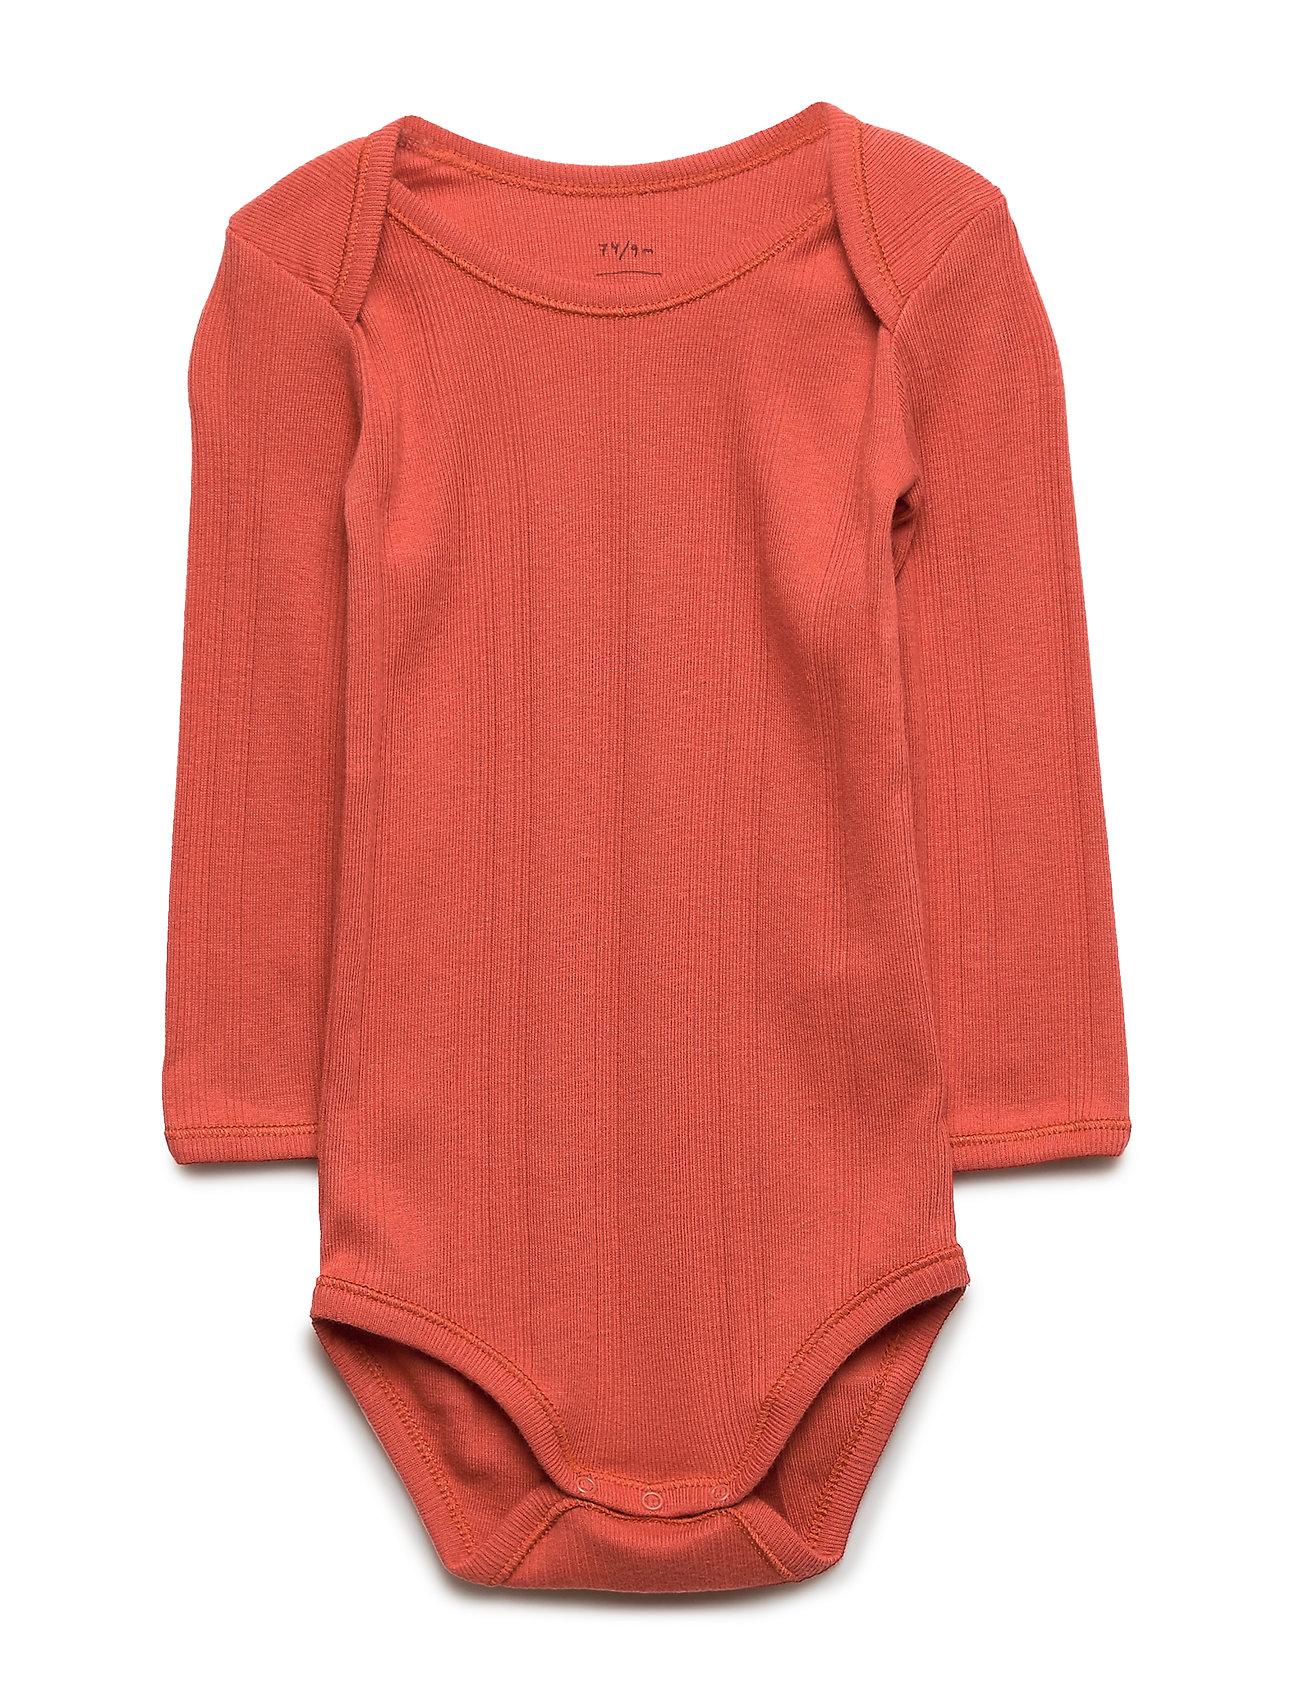 Noa Noa Miniature Baby Body - TANDORI